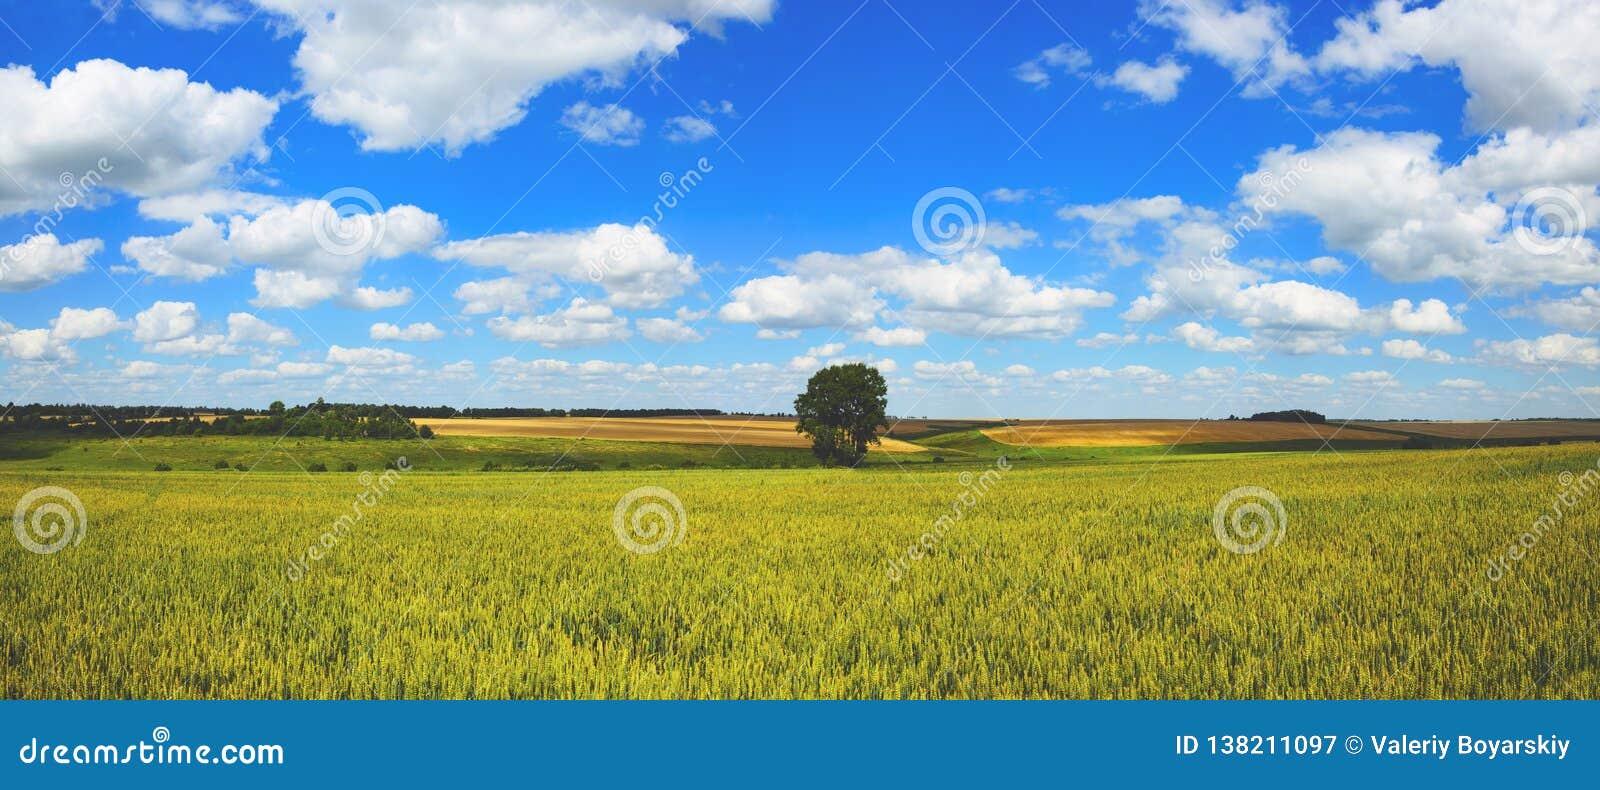 Panorama soleado del verano con los campos de trigo y el árbol creciente solo en un cielo azul del fondo con las nubes blancas br